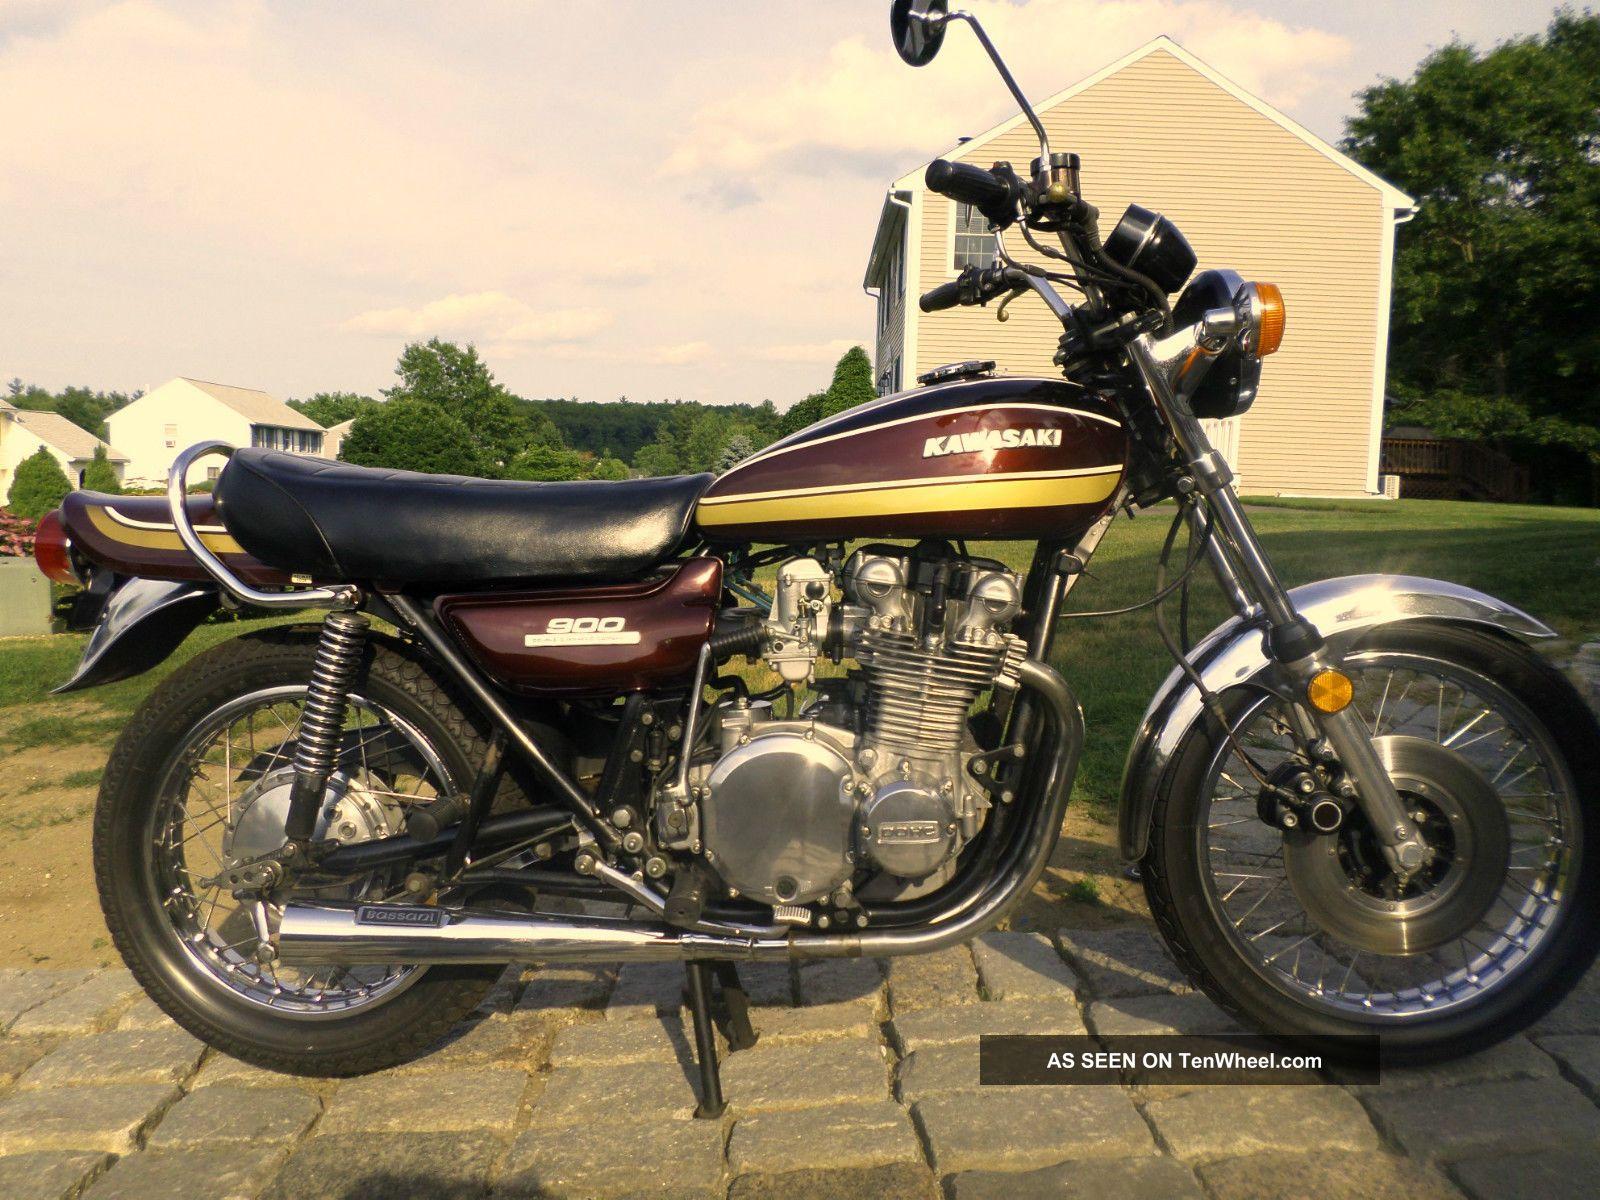 1975 Kawasaki Kz900 Z1 Kz Kz1000 Z1r Mkii 1973 1974 H1 H2